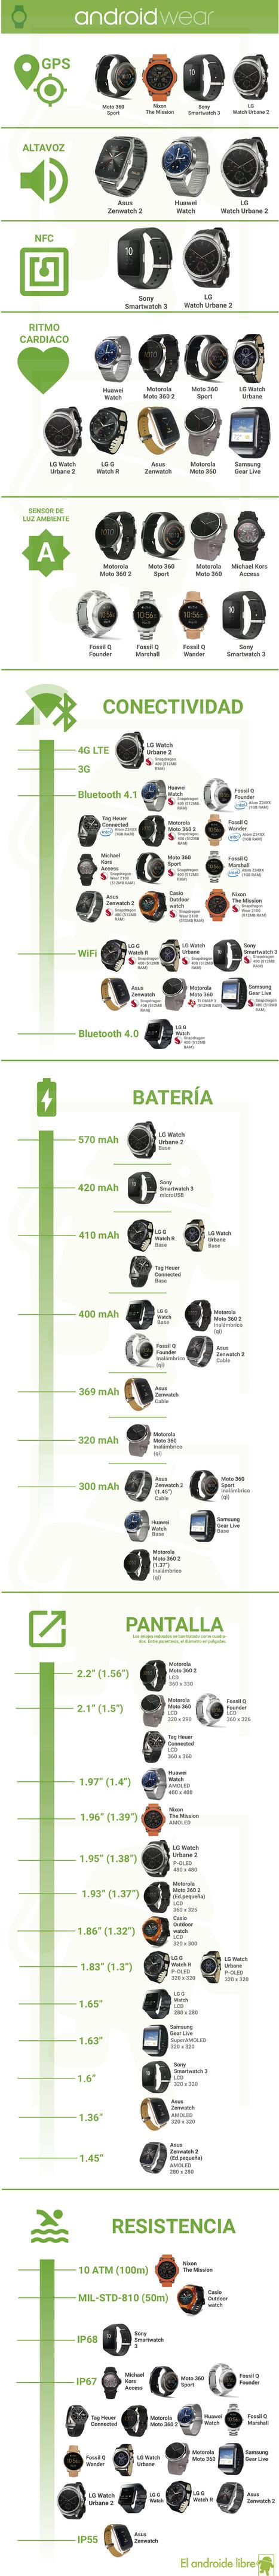 La comparativa de Android Wear en 2016, en una infografía | Mobile Technology | Scoop.it